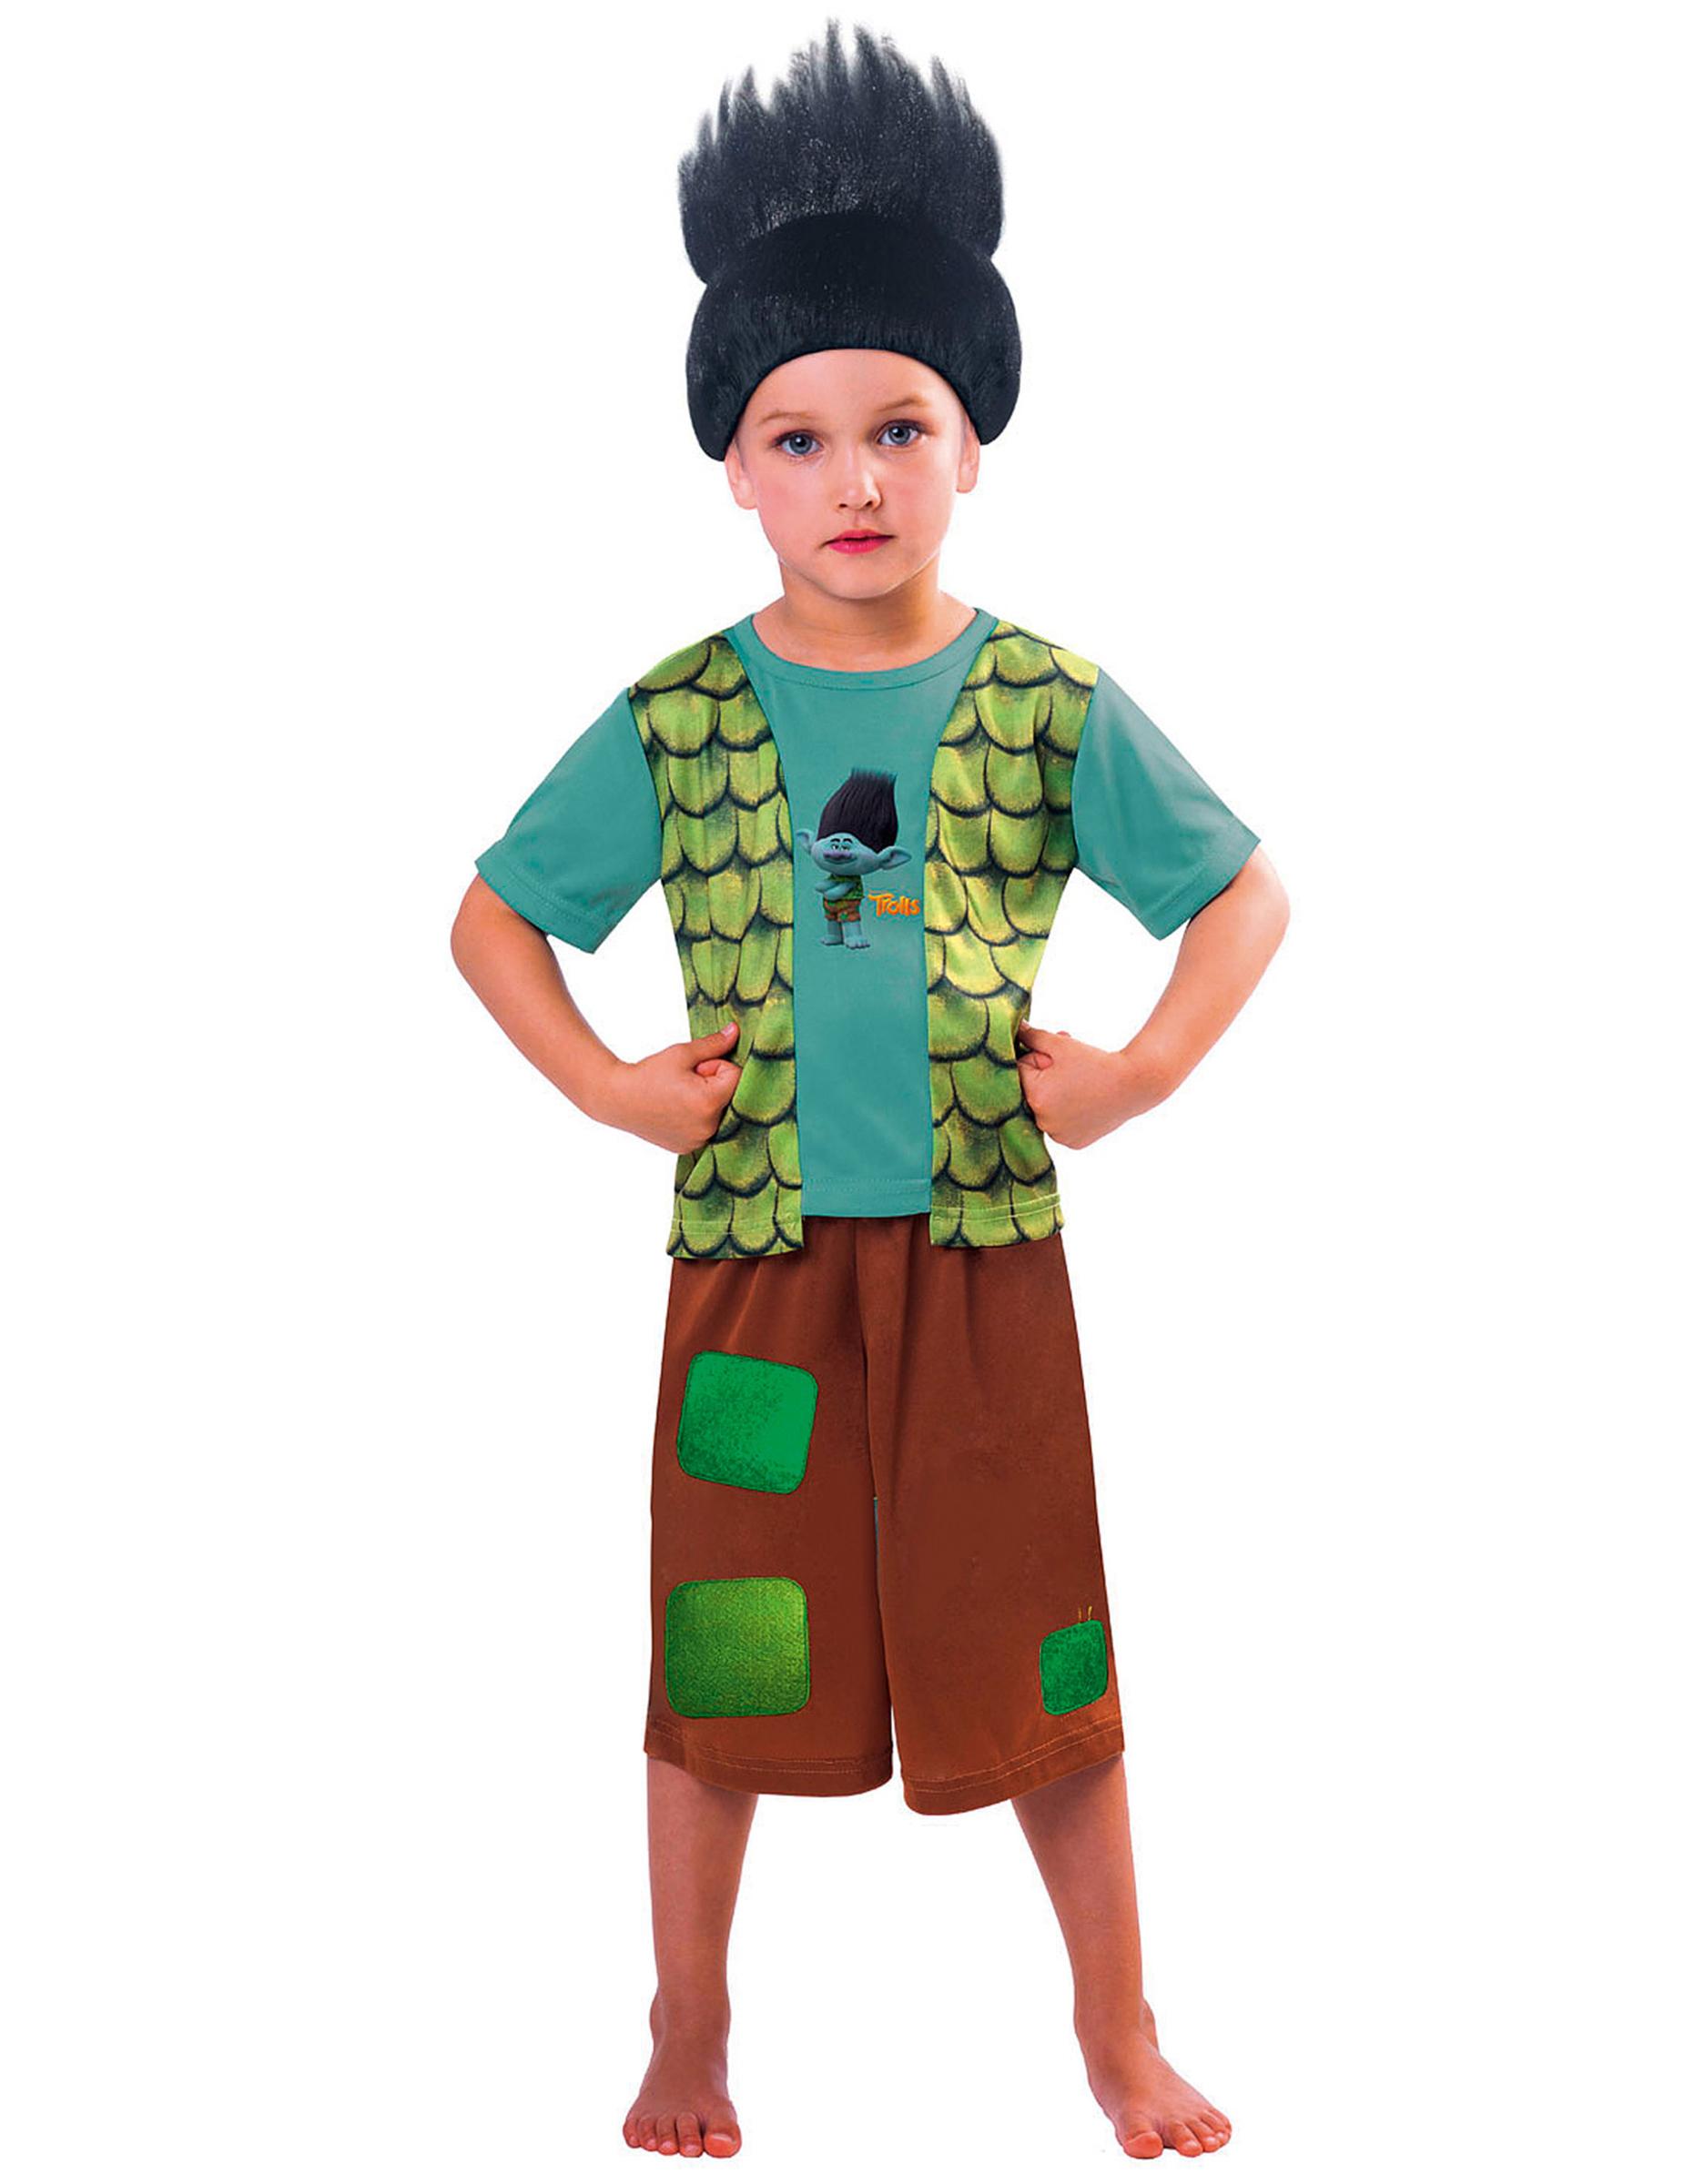 Vestiti Bambino Bambini I e Costume Per Trolls™ Branche Costumi Di w8w7qI